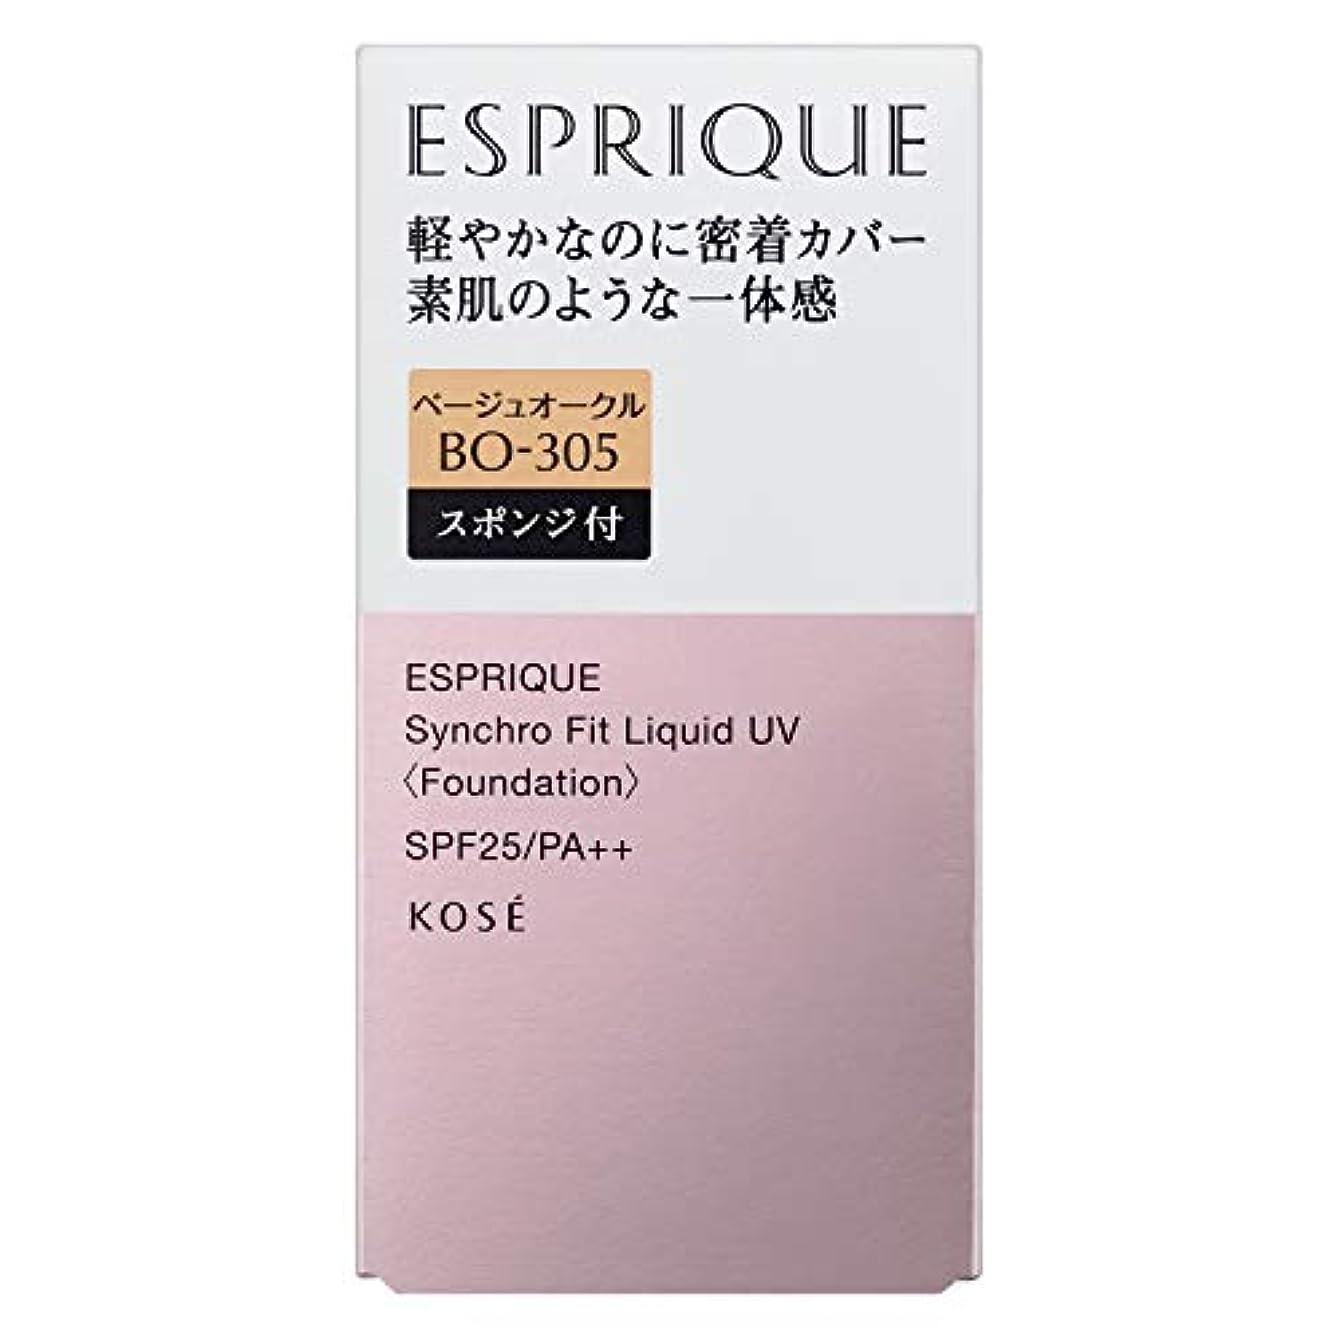 仲間、同僚生き物満足ESPRIQUE(エスプリーク) エスプリーク シンクロフィット リキッド UV ファンデーション 無香料 BO-305 ベージュオークル 30g